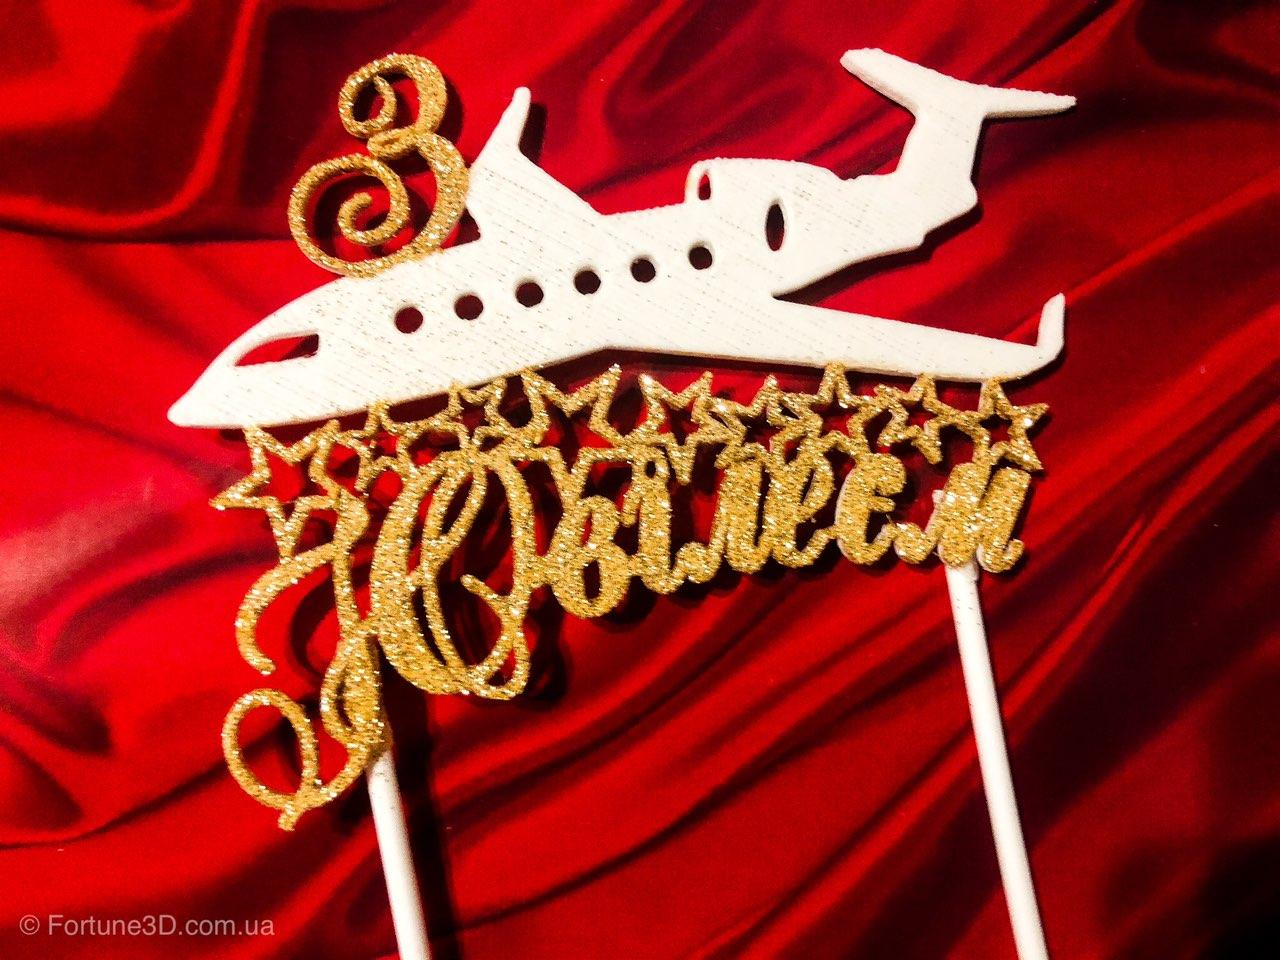 Топпер З ювілеєм з літаком святковий топпер в торт, золотой топпер с самолетом